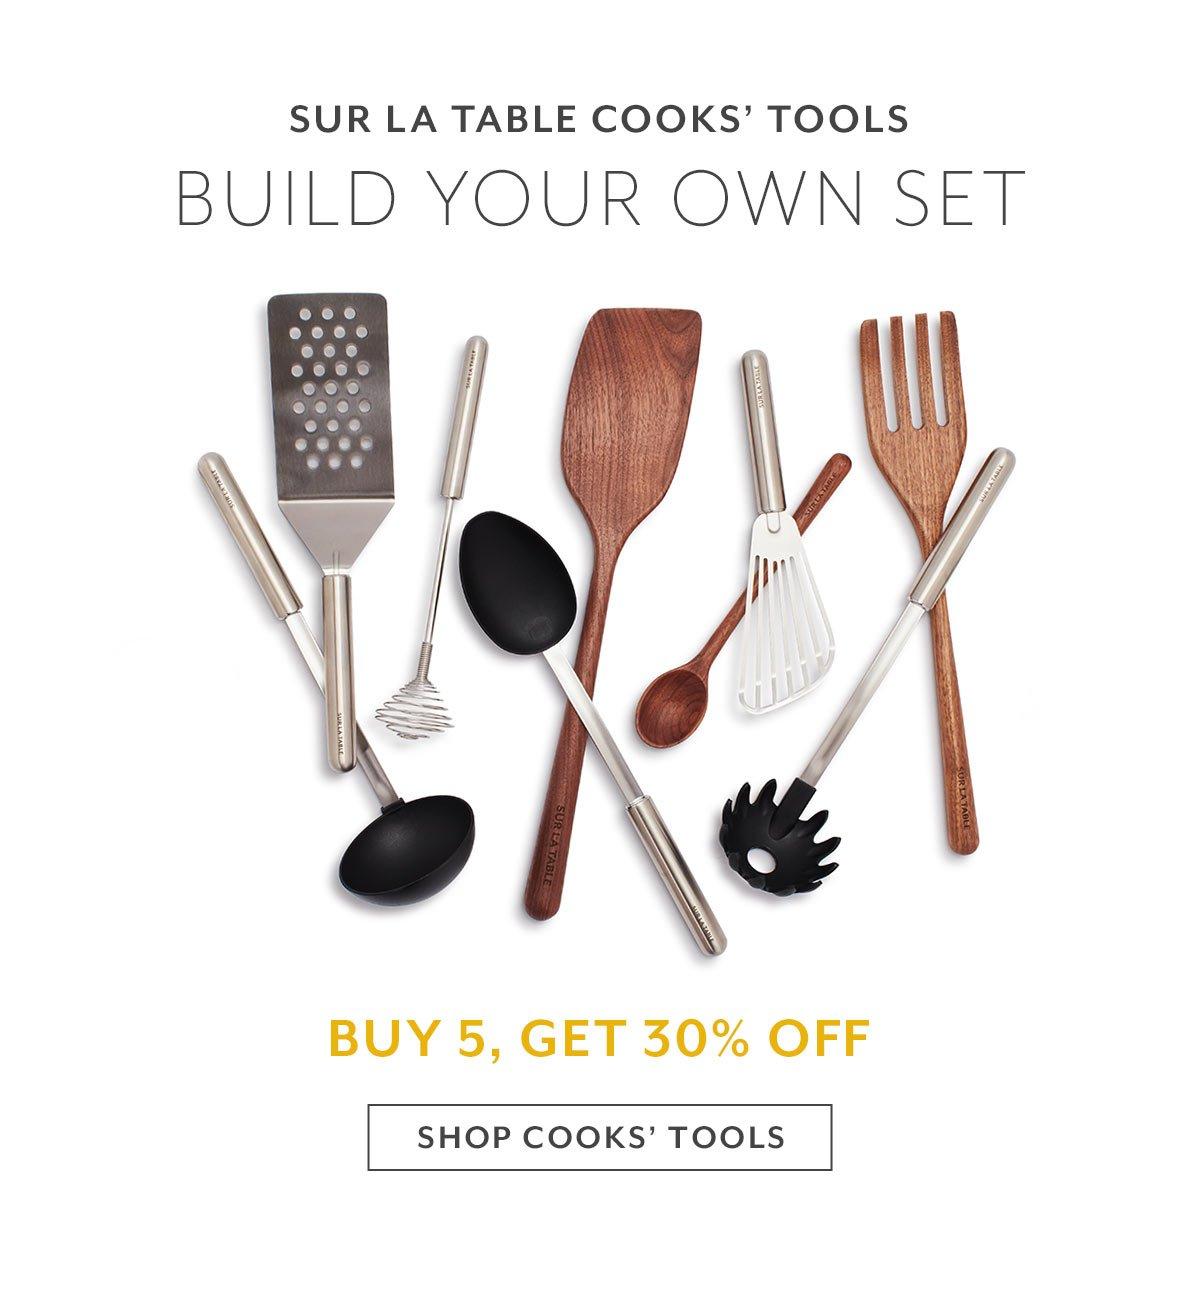 Sur La Table Cooks' Tools